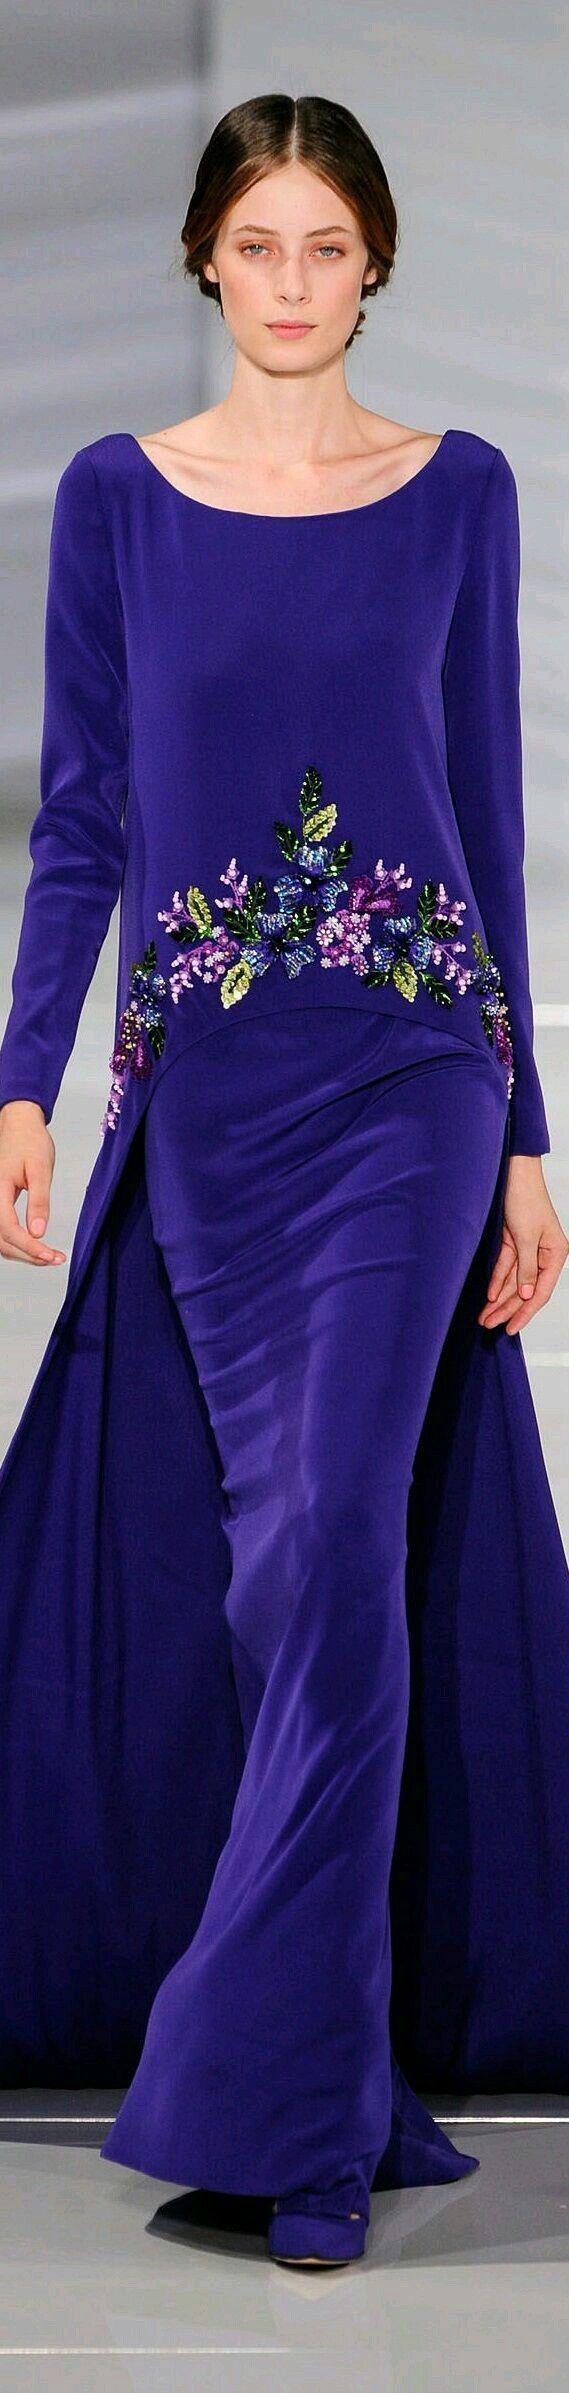 Mejores 27 imágenes de vestidos ideas en Pinterest | Vestidos ...